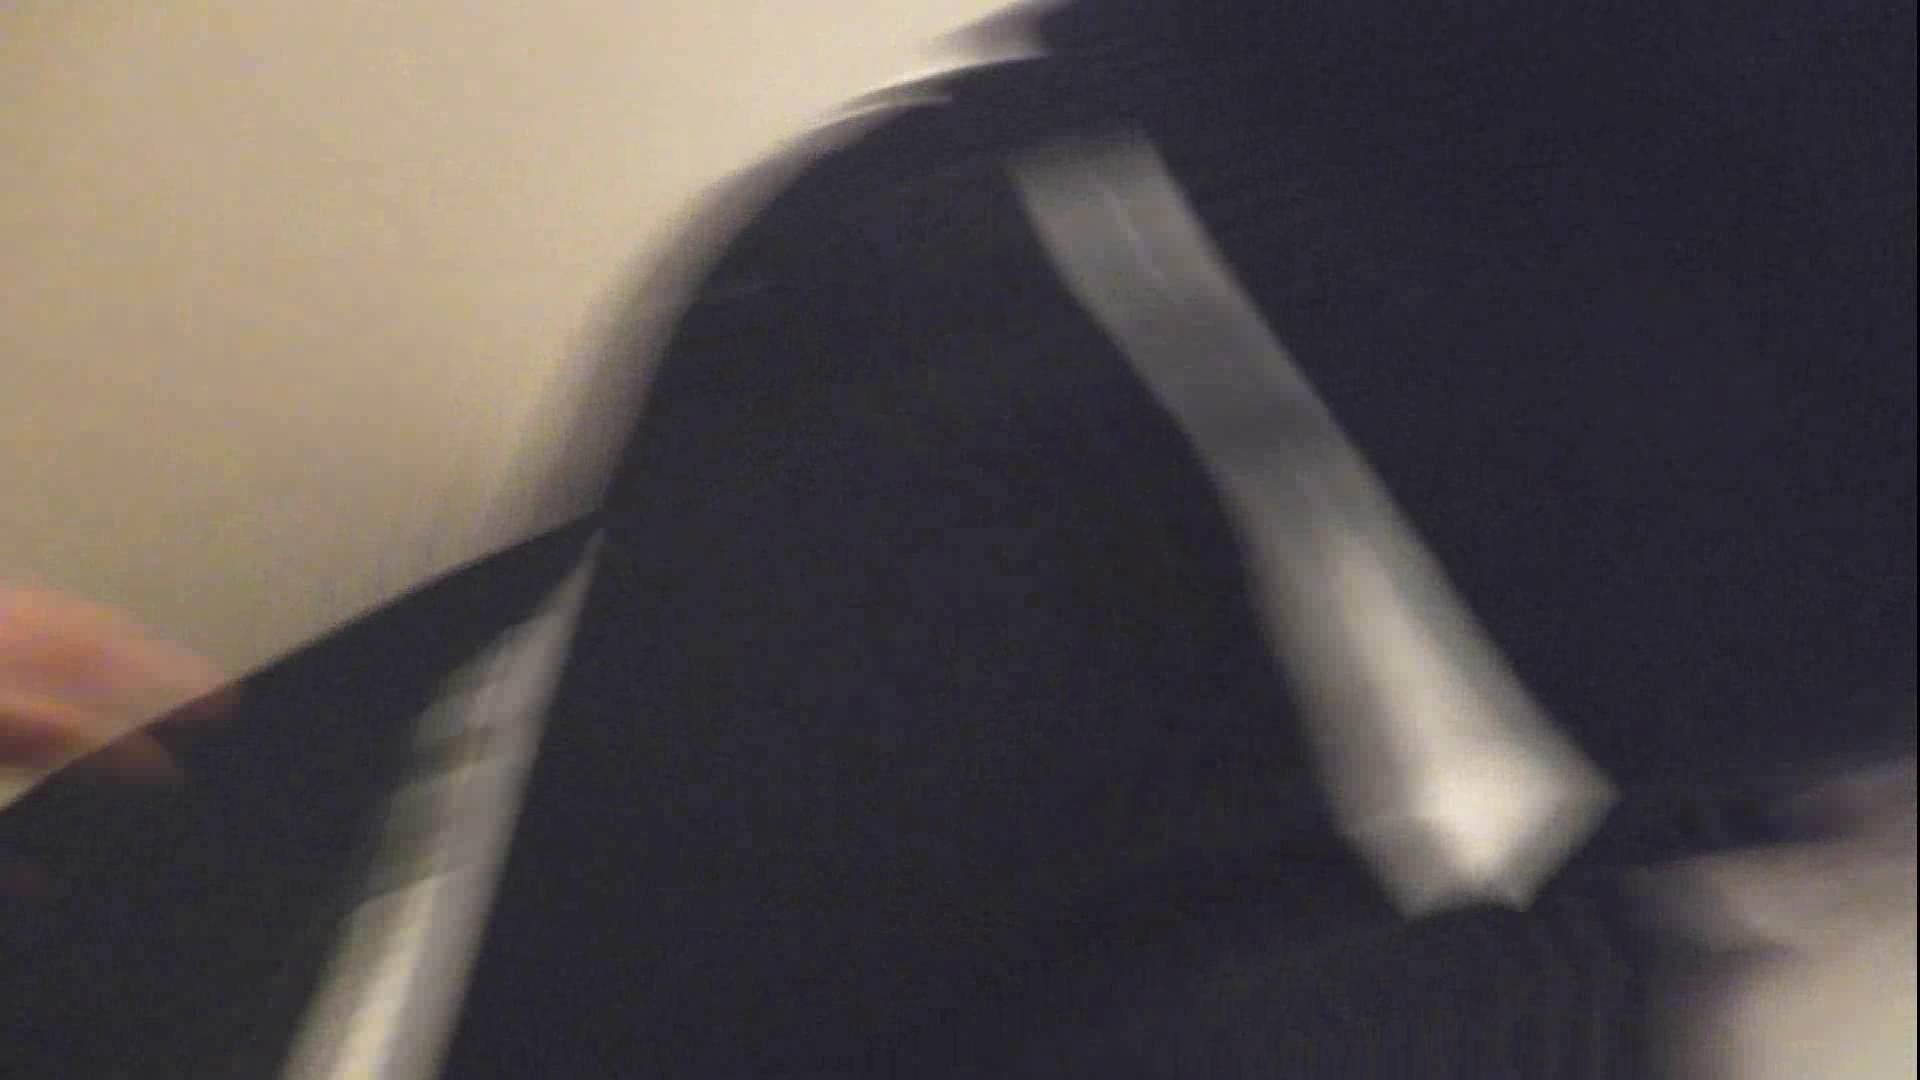 オナニーでほえろ なんじゃこりゃぁあ!!Vol.04 スリム美少年系ジャニ系   人気シリーズ  82pic 3